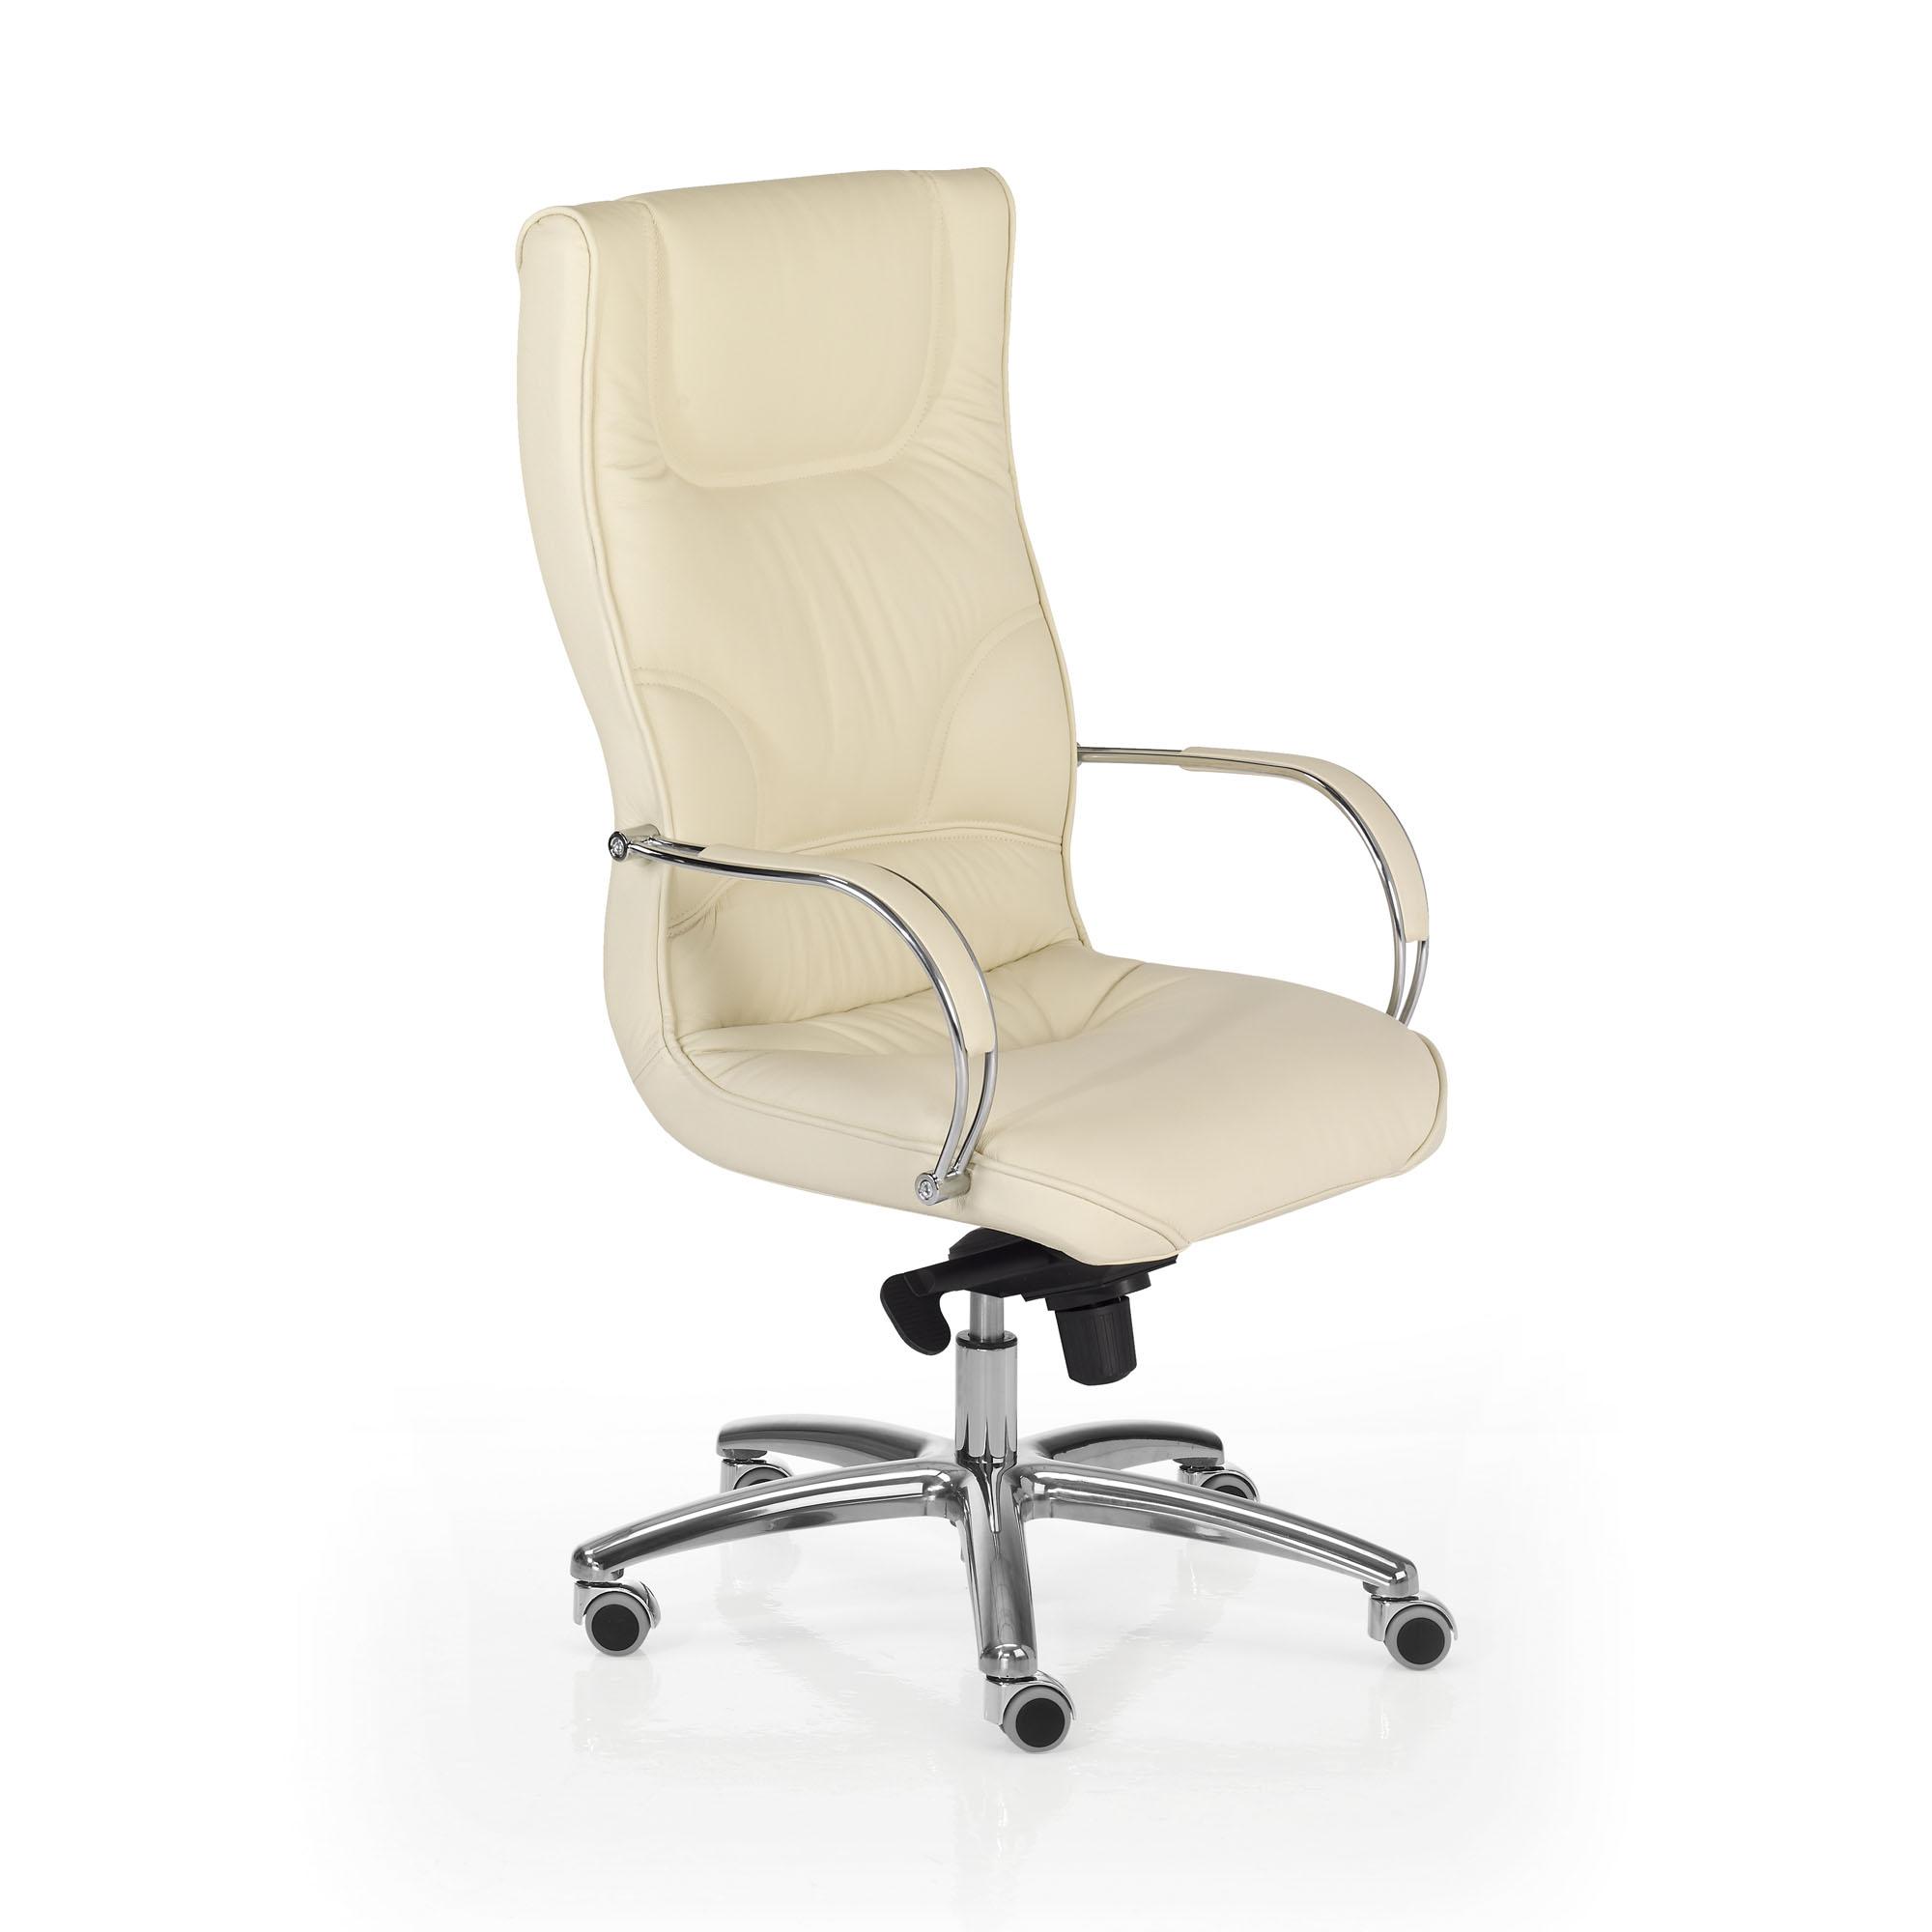 Fauteuil de direction cuir blanc montpellier 34 n mes - Fauteuil de bureau boss ...